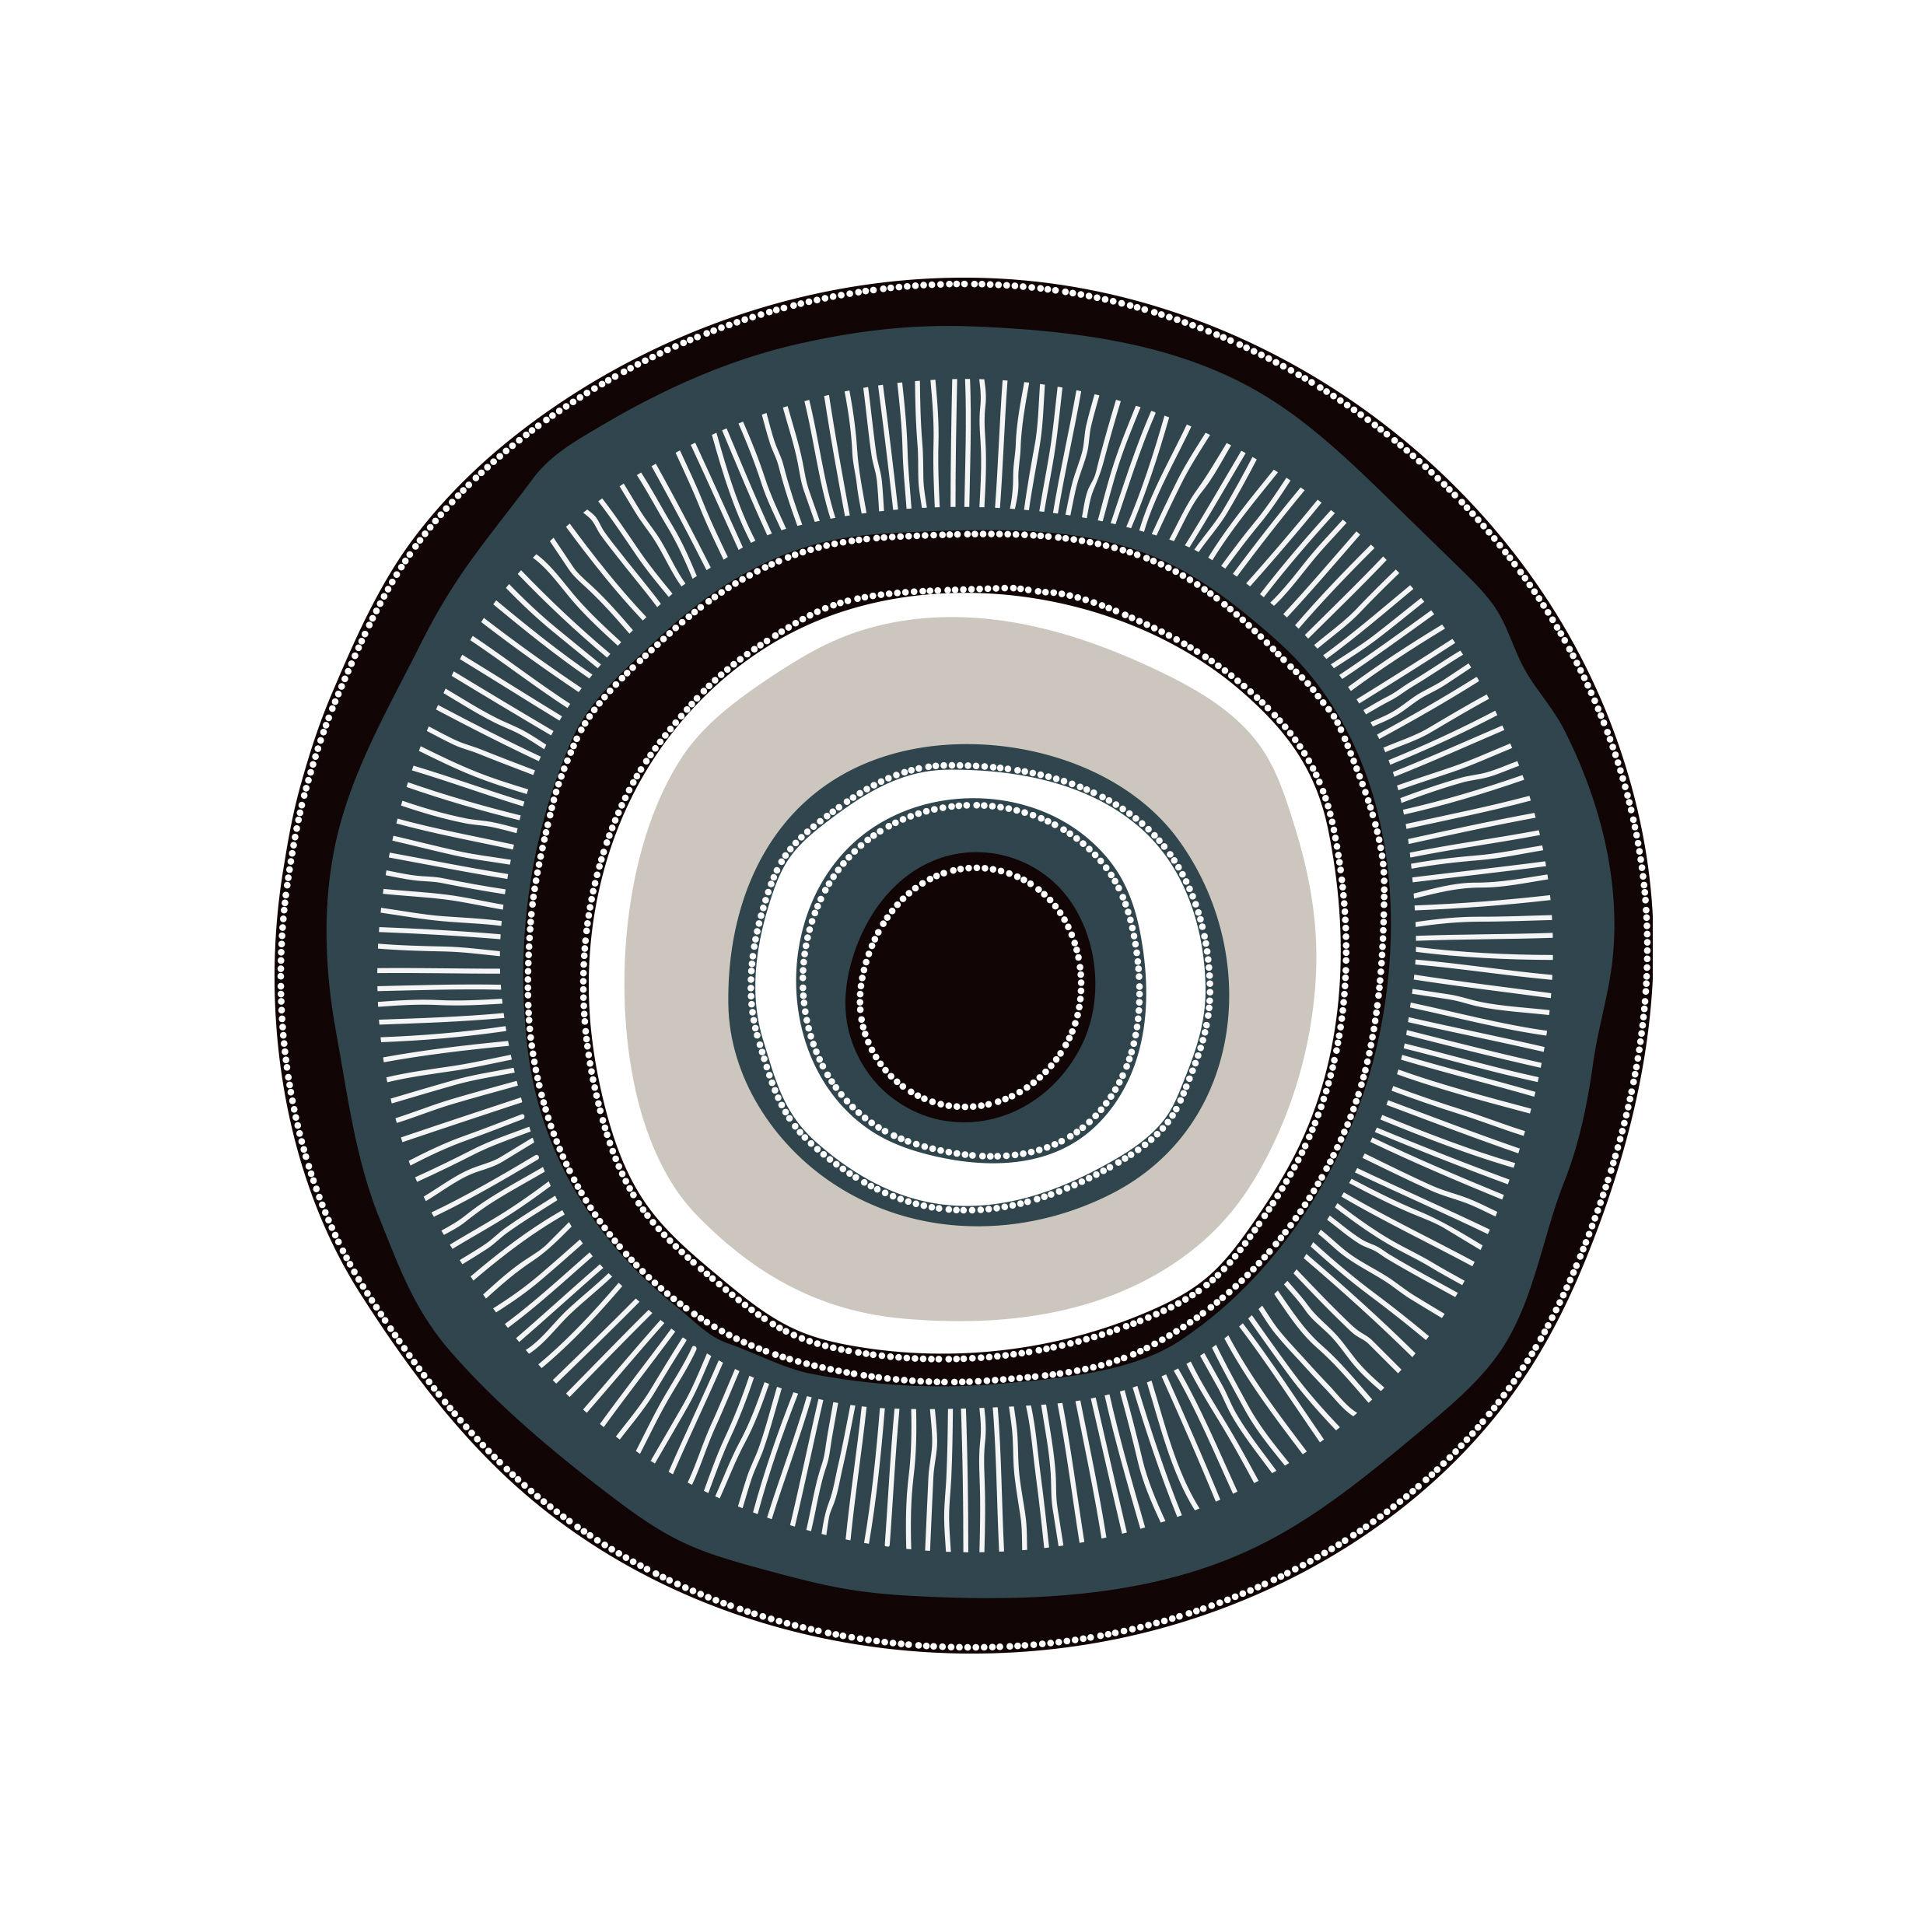 Outdoor - Déco et accessoires - Tapis Œil our œil / Ø 99 cm - Vinyle - PÔDEVACHE - Œil / Bleu, noir & gris - Vinyle